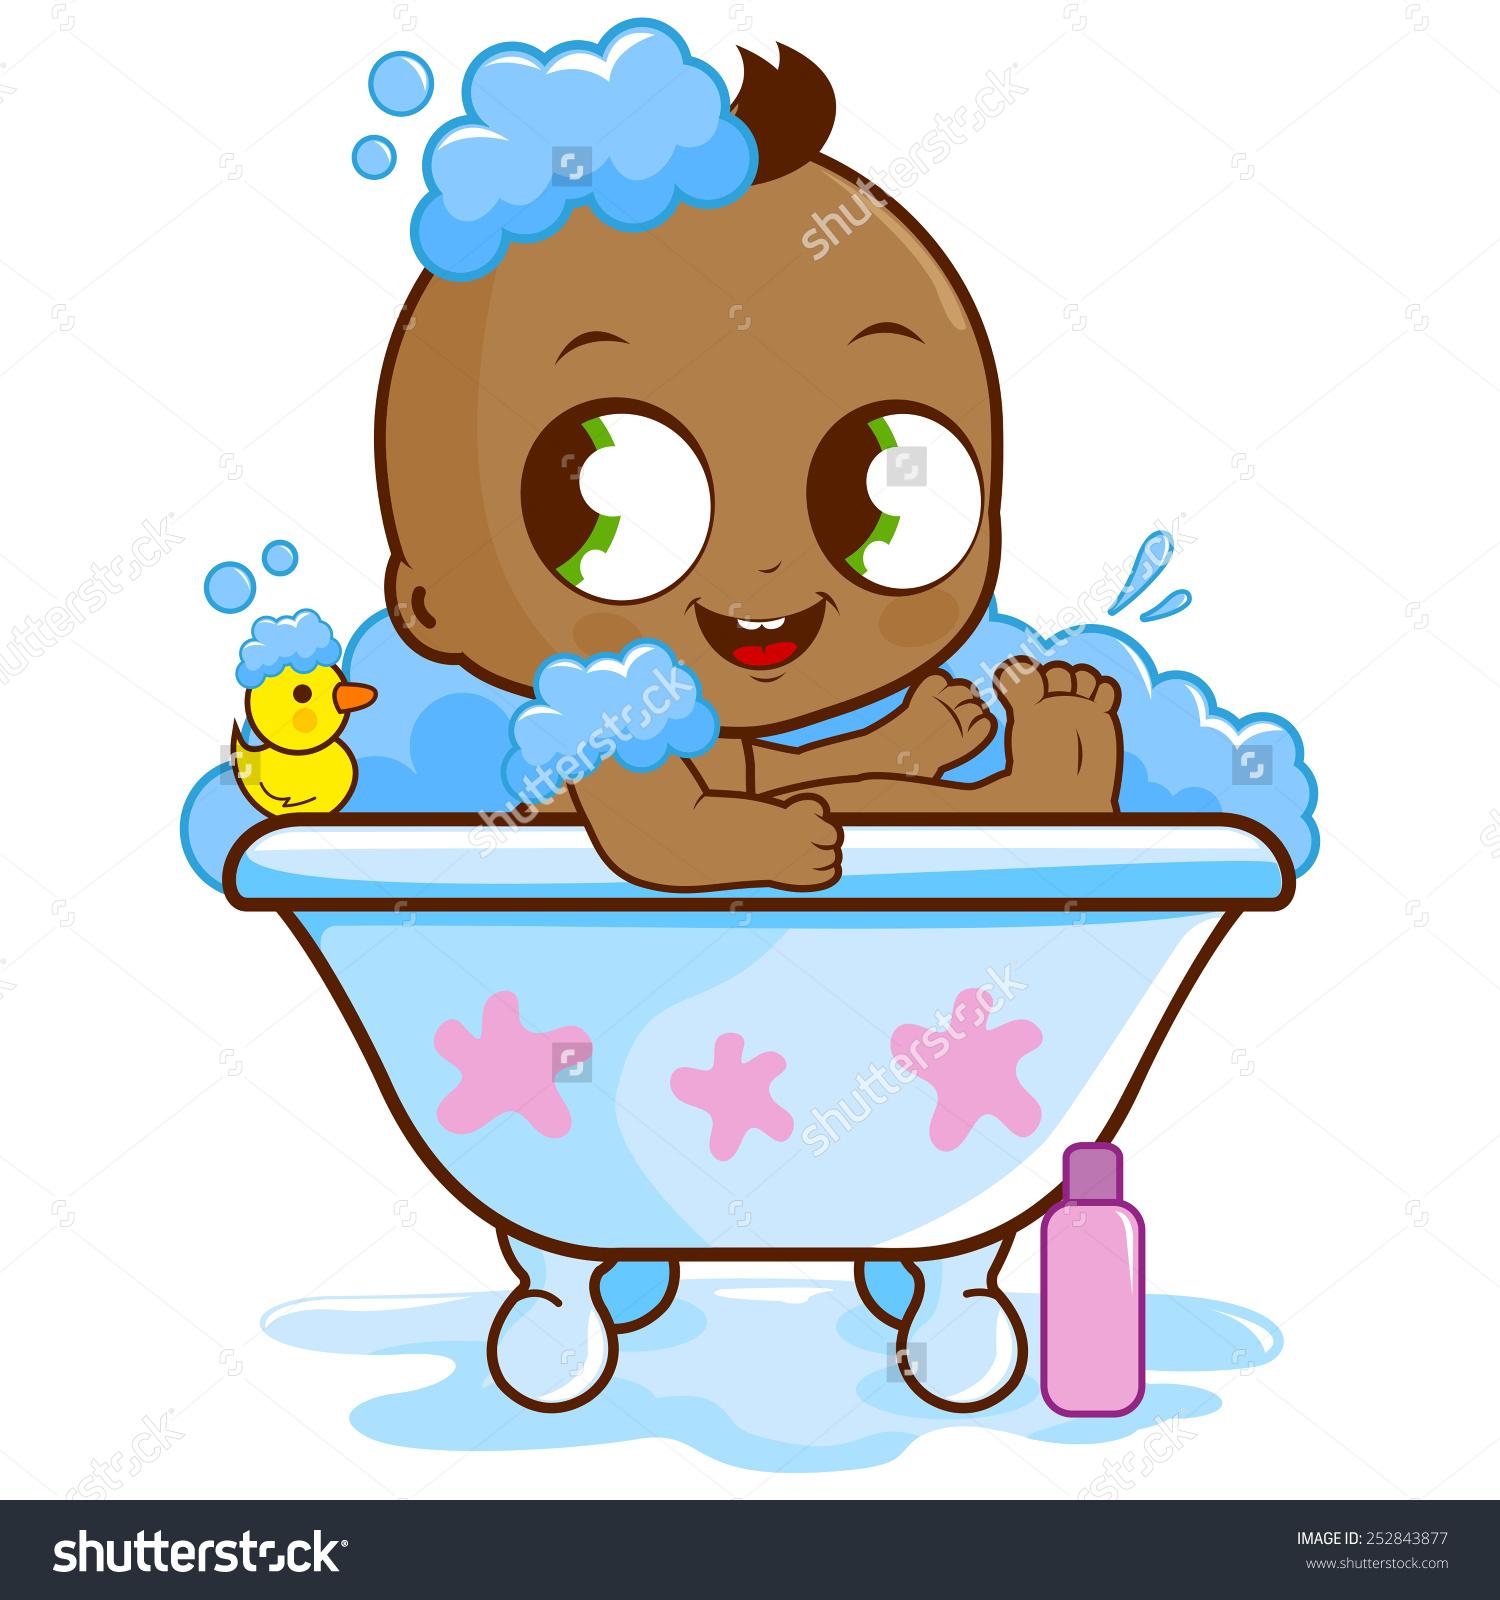 taking a bath clipart - photo #41